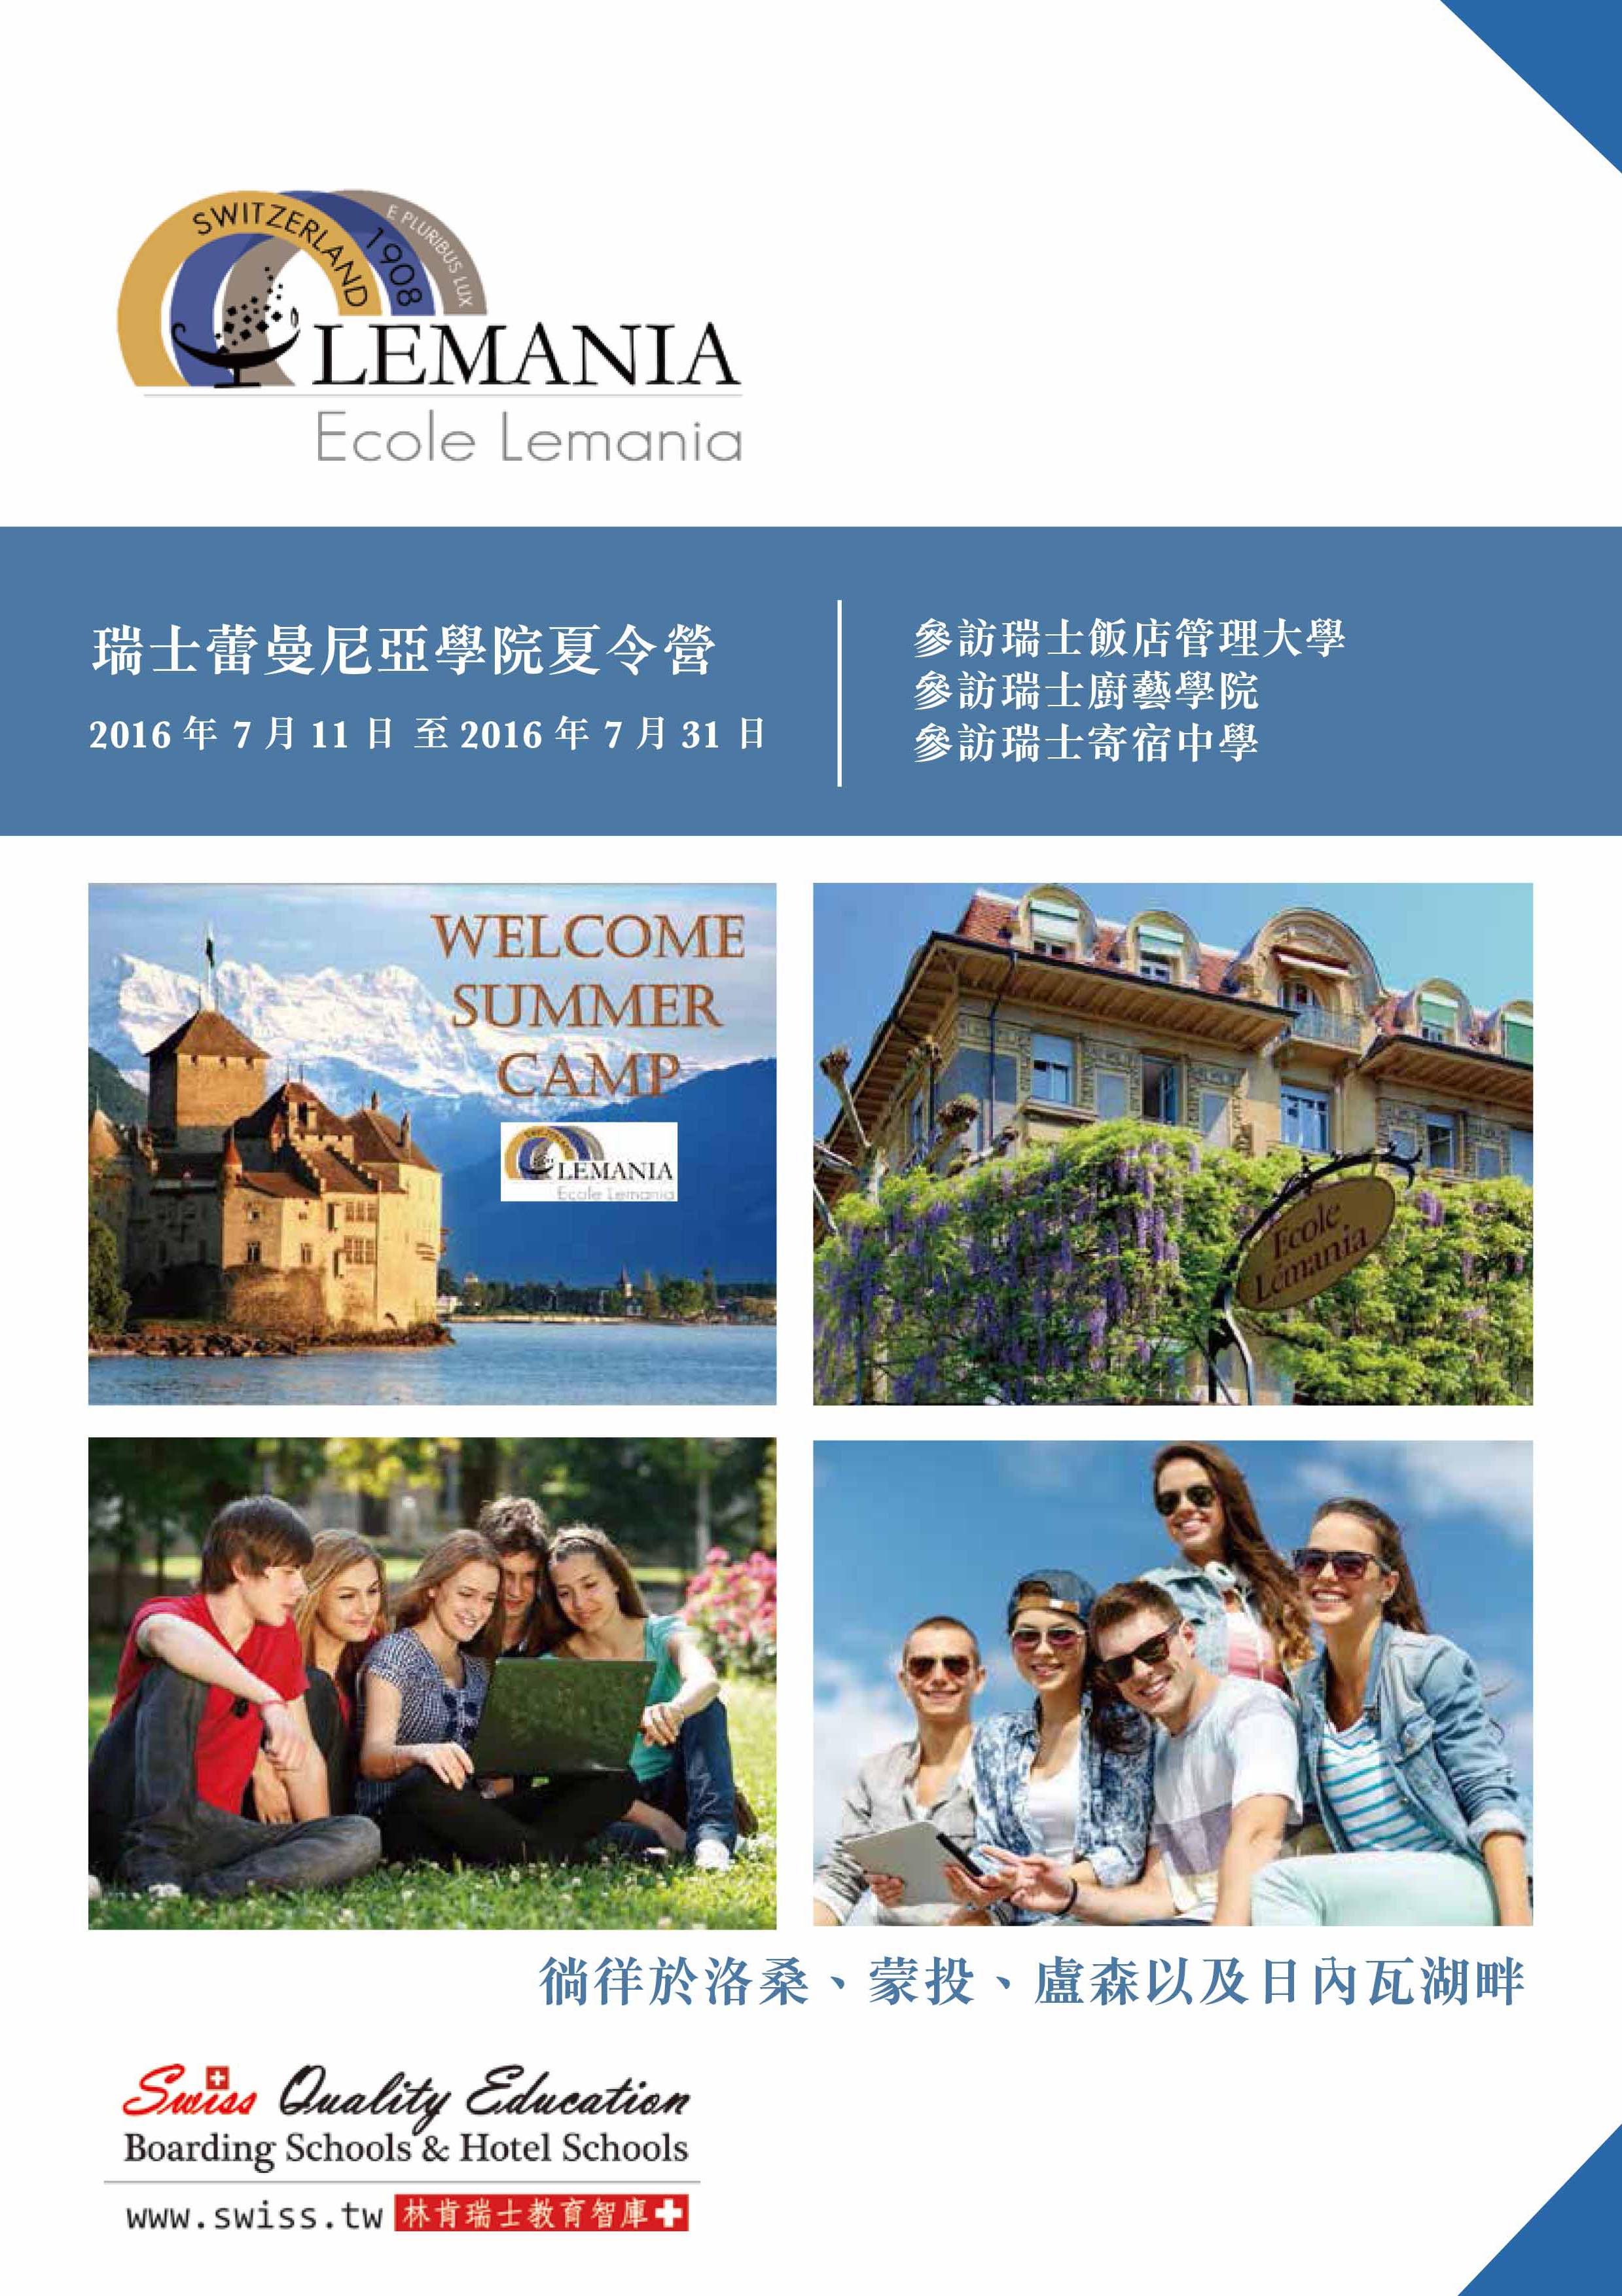 2016-蕾曼尼亞-合併A3